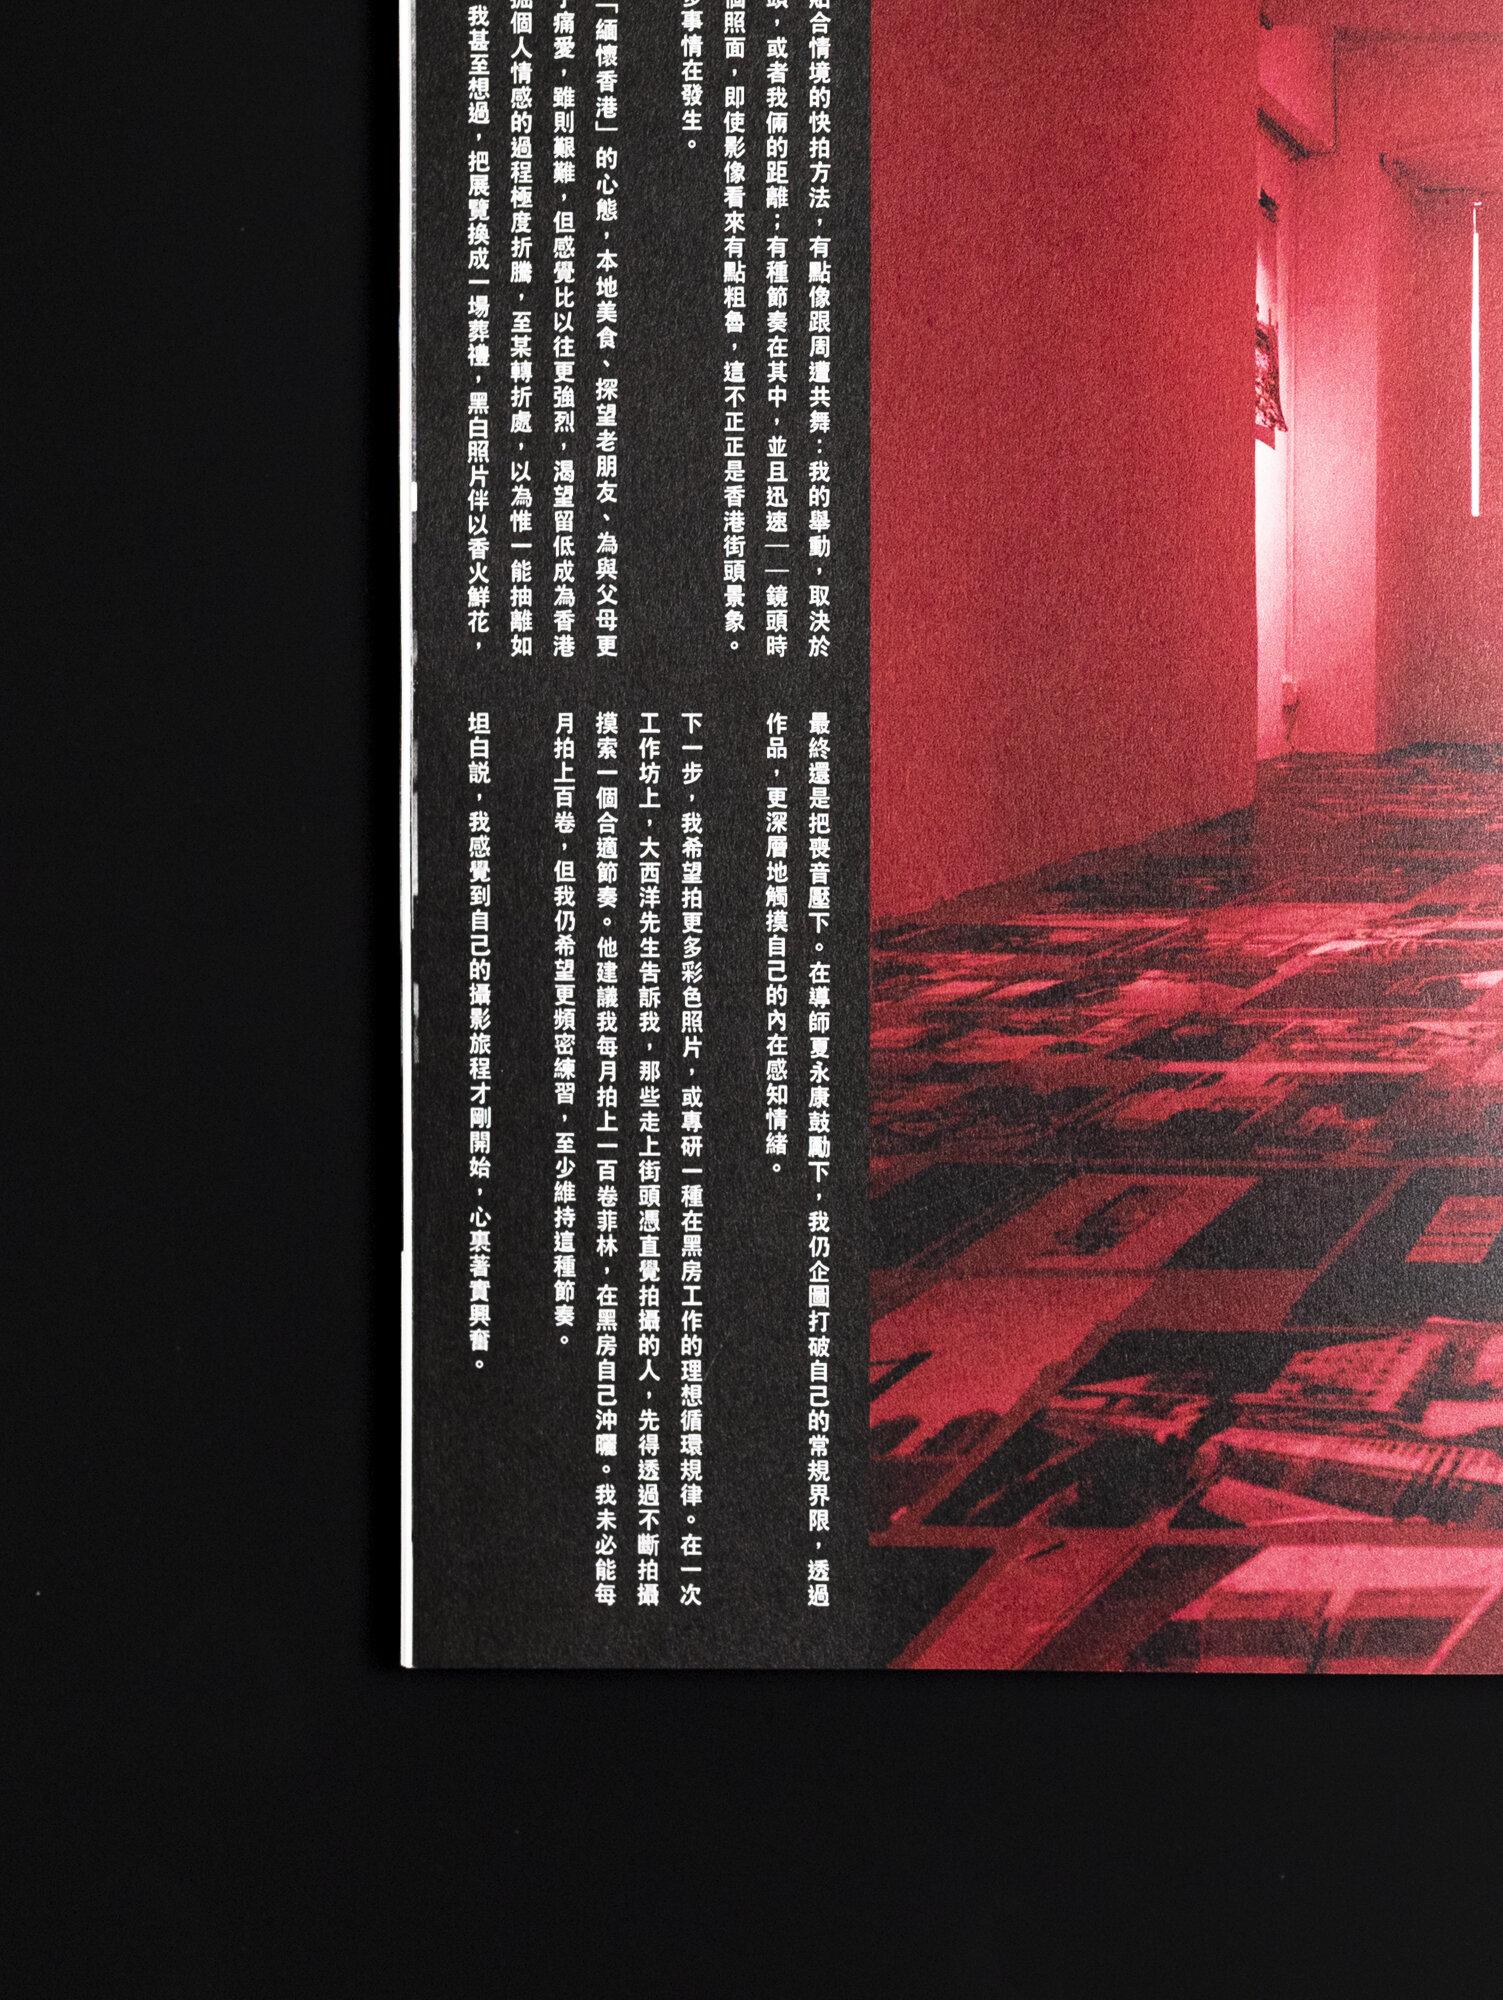 HKIPF-2020-COMPILATION-5.jpg